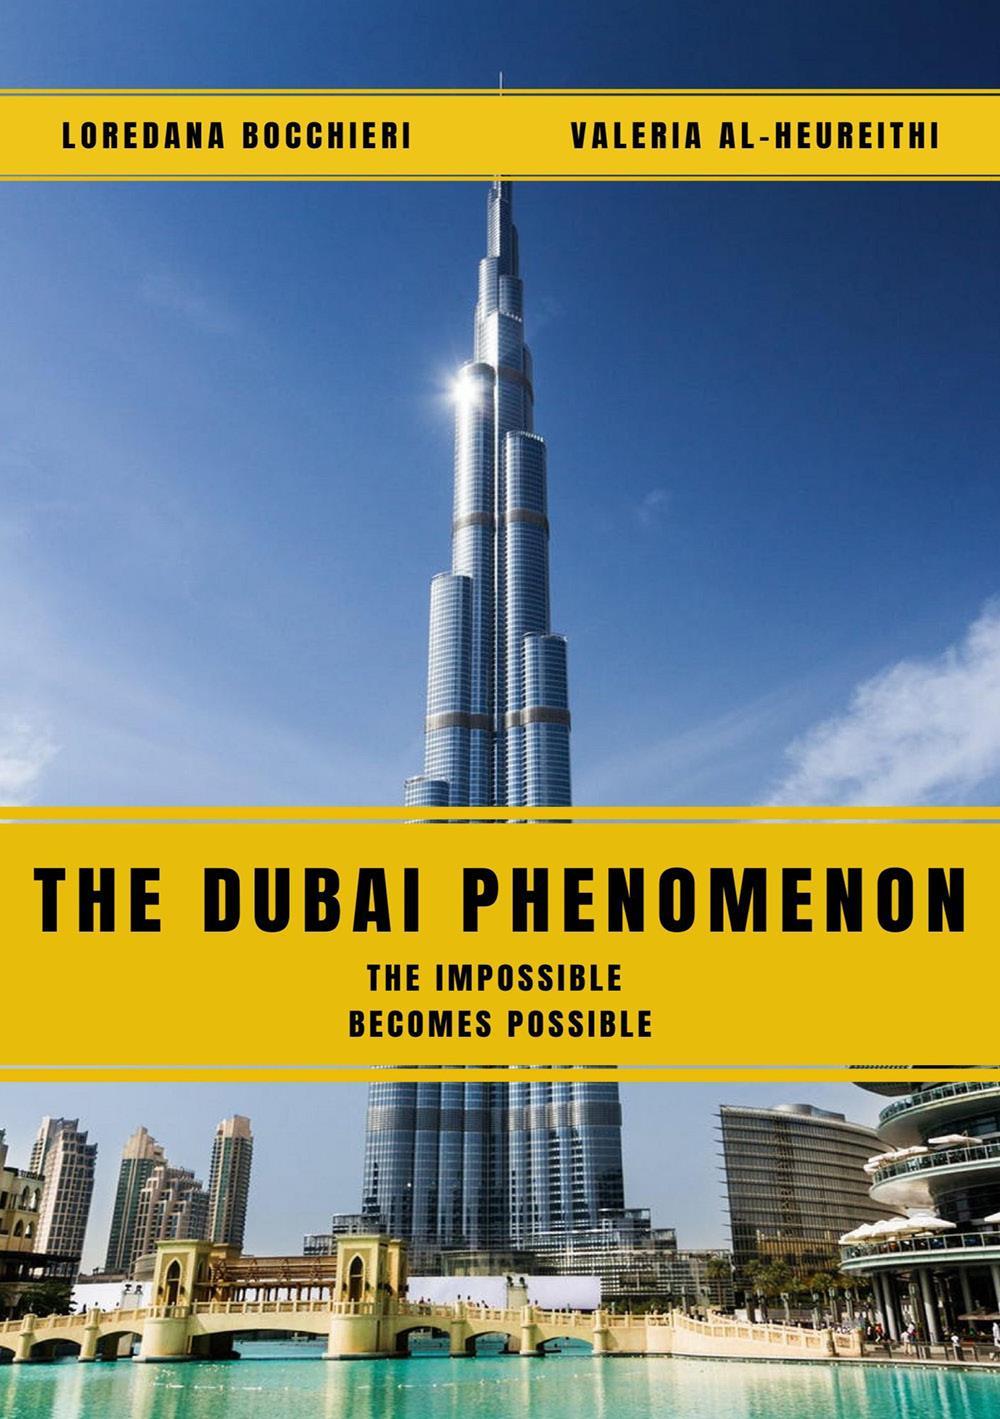 The Dubai Phenomenon - The impossible becomes possible